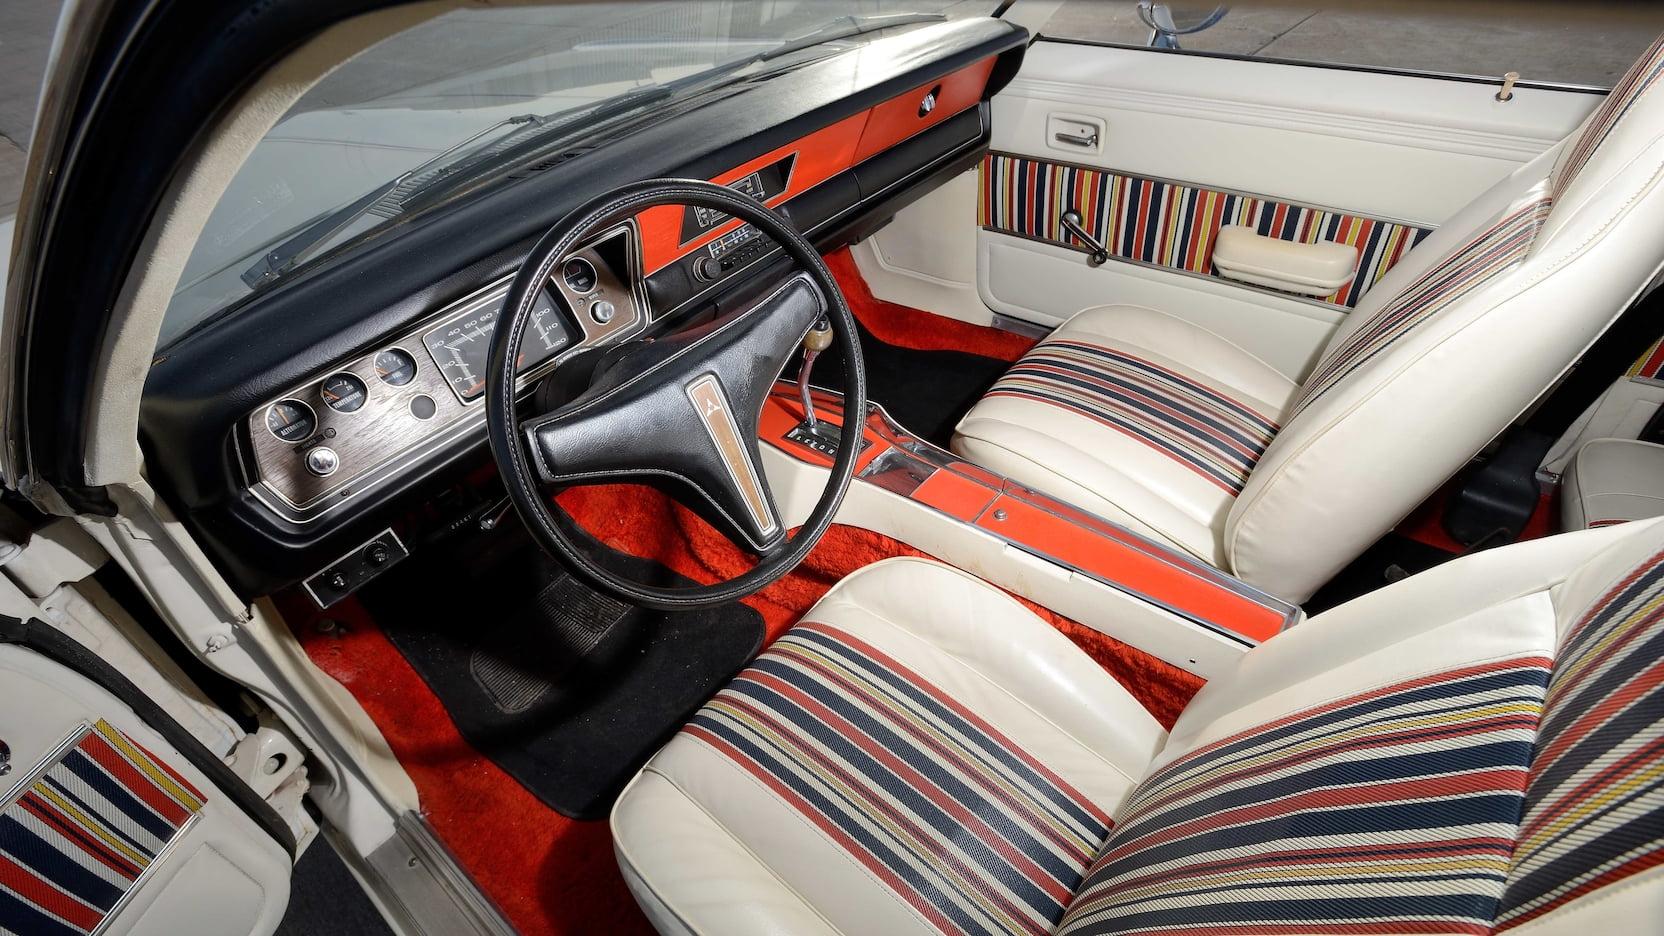 1974 Dodge Dart Hang Ten Interior